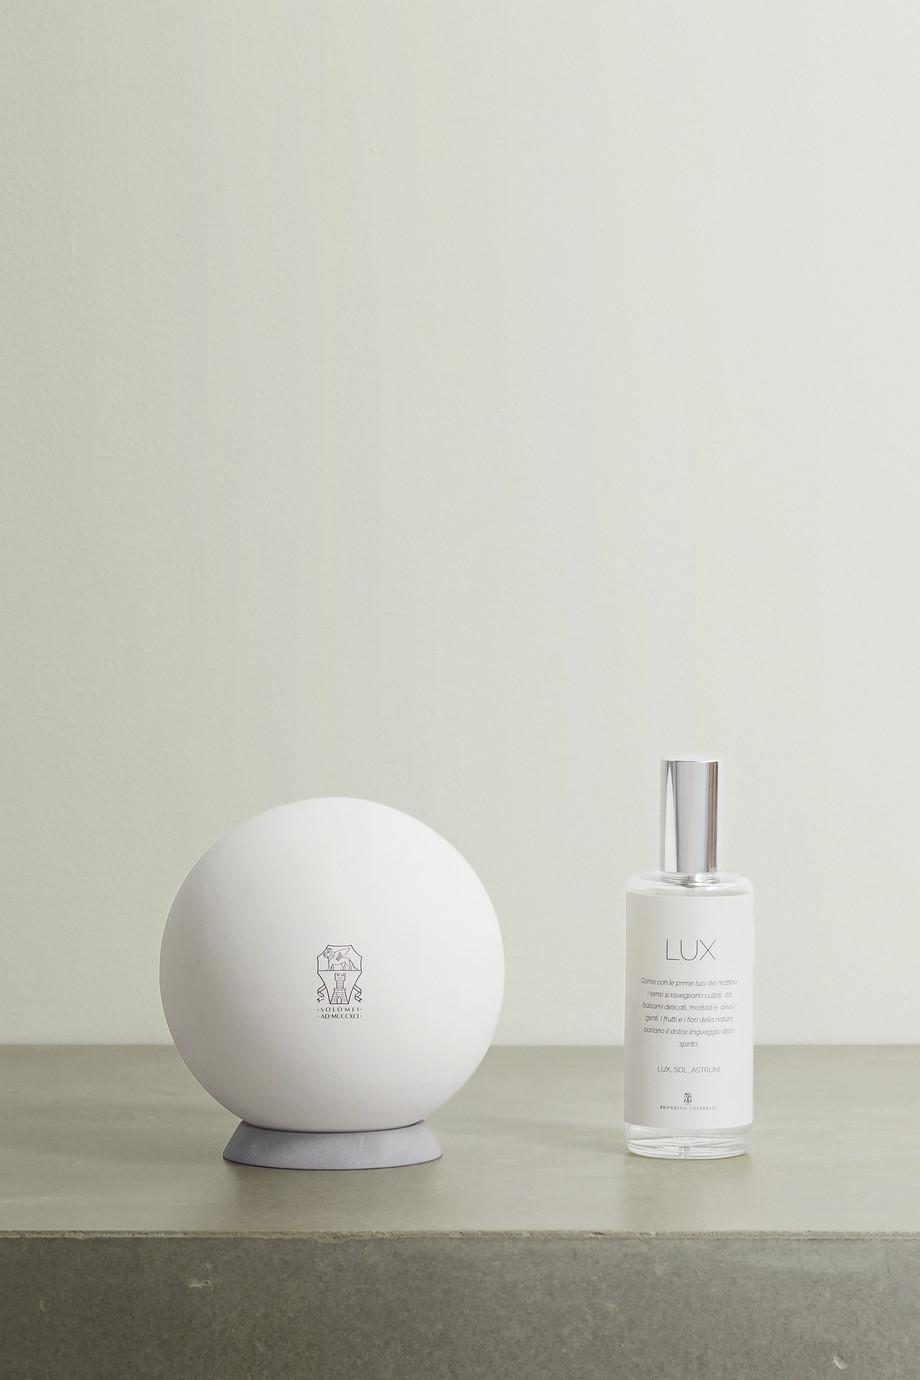 Brunello Cucinelli Lux Sphere diffuser and refill set